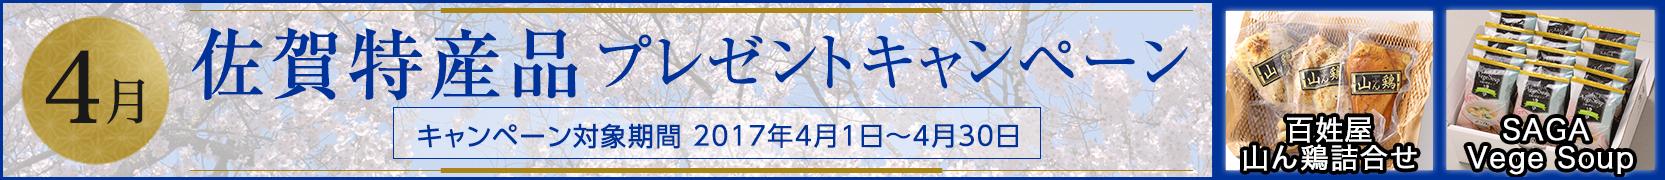 佐賀県特産品プレゼントキャンペーン4月